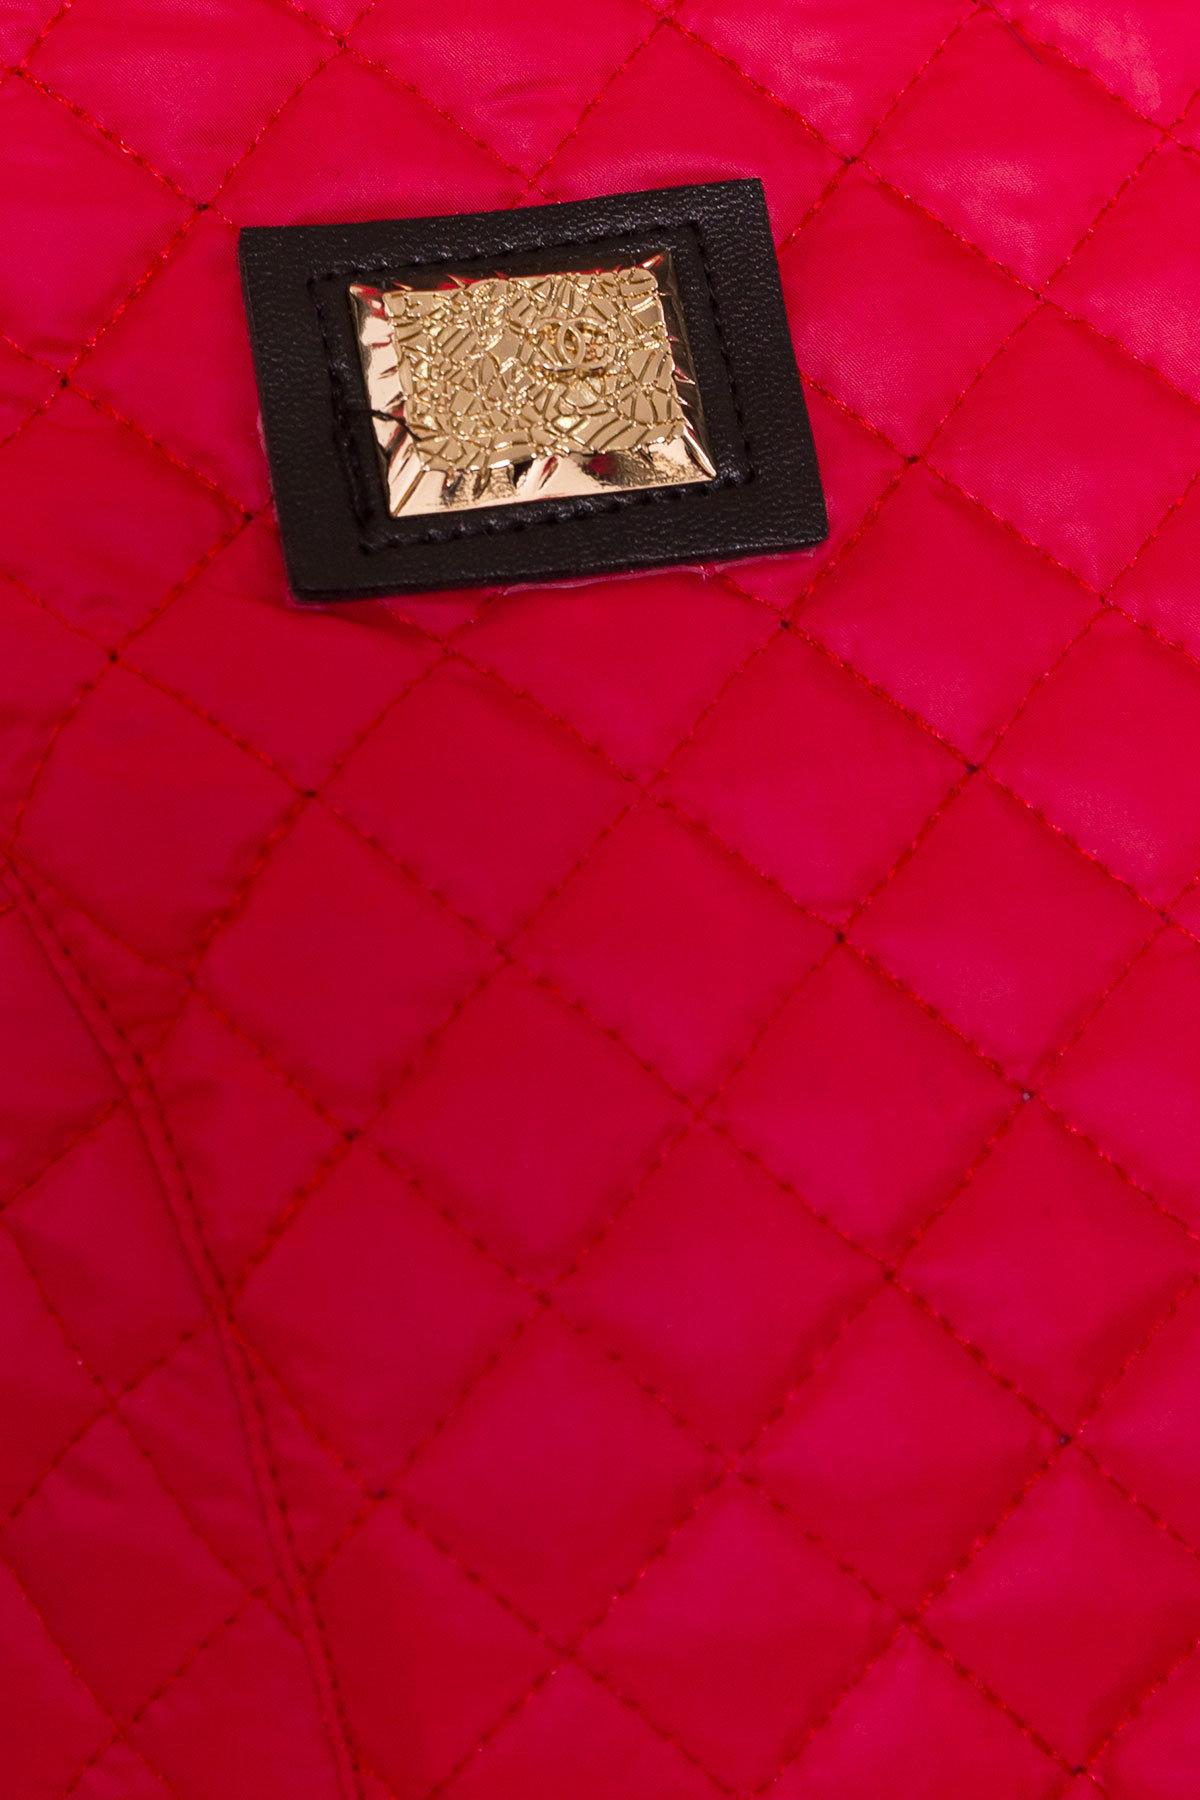 Пальто Матео 4809 АРТ. 5654 Цвет: Красный/Серый 1  - фото 4, интернет магазин tm-modus.ru